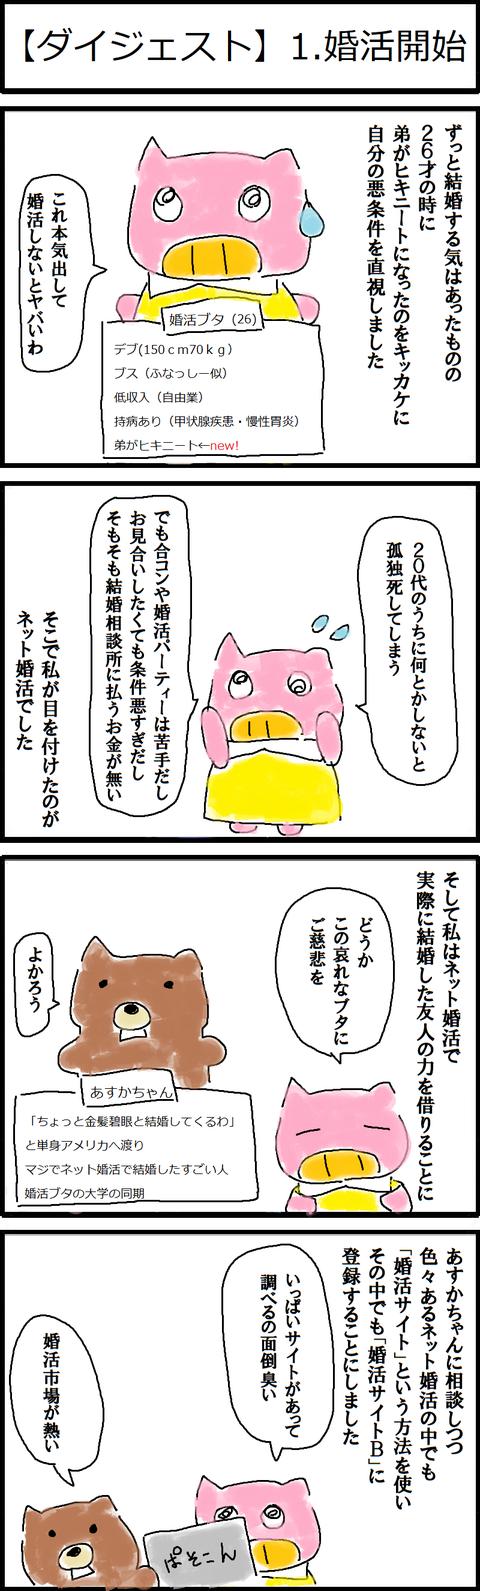 【ダイジェスト】1.婚活開始